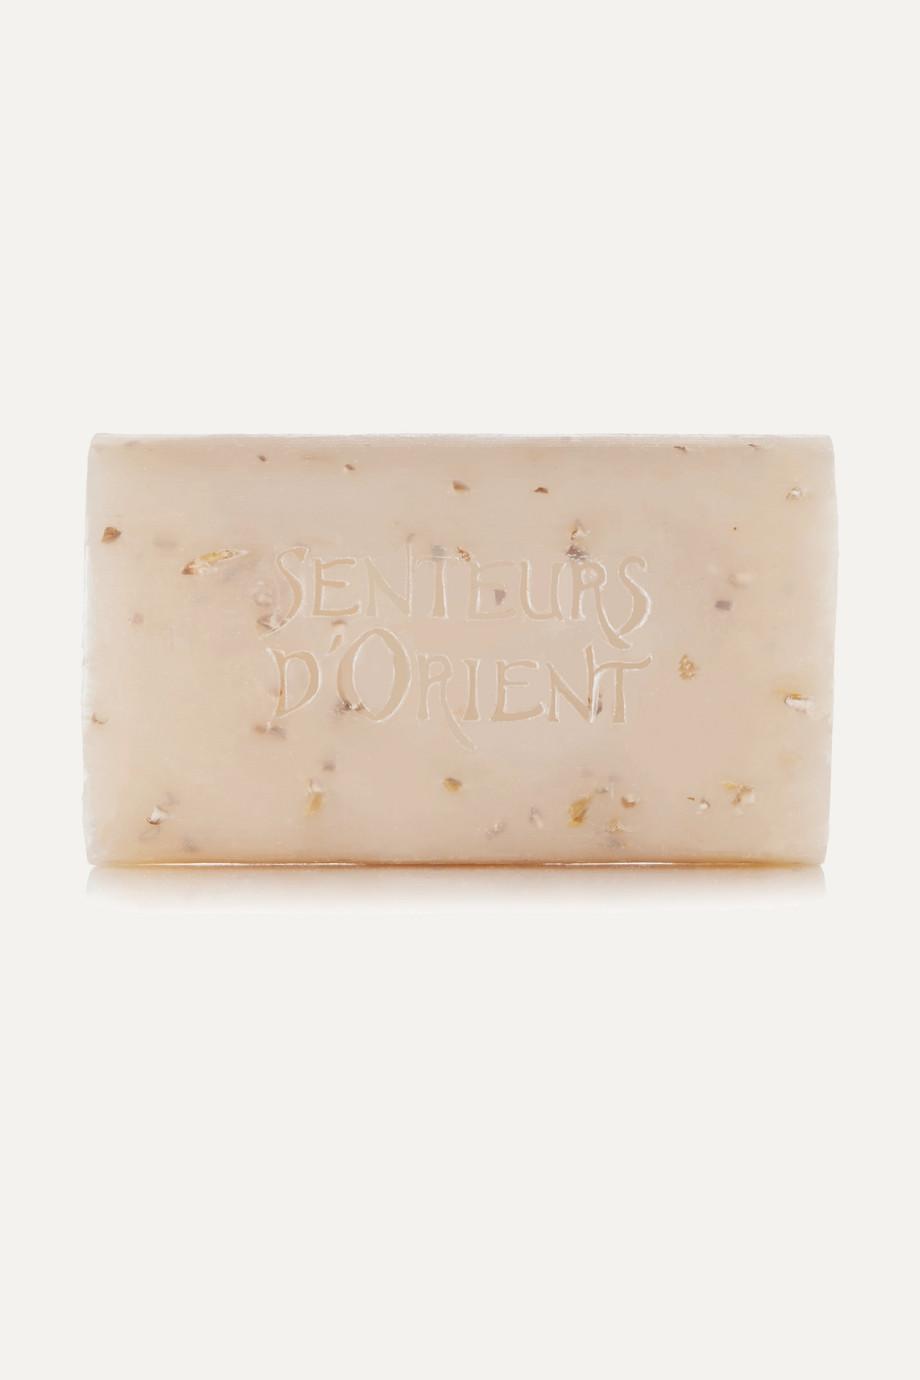 Senteurs d'Orient + NET SUSTAIN Rough Cut Bath Soap - Almond Exfoliant, 210g